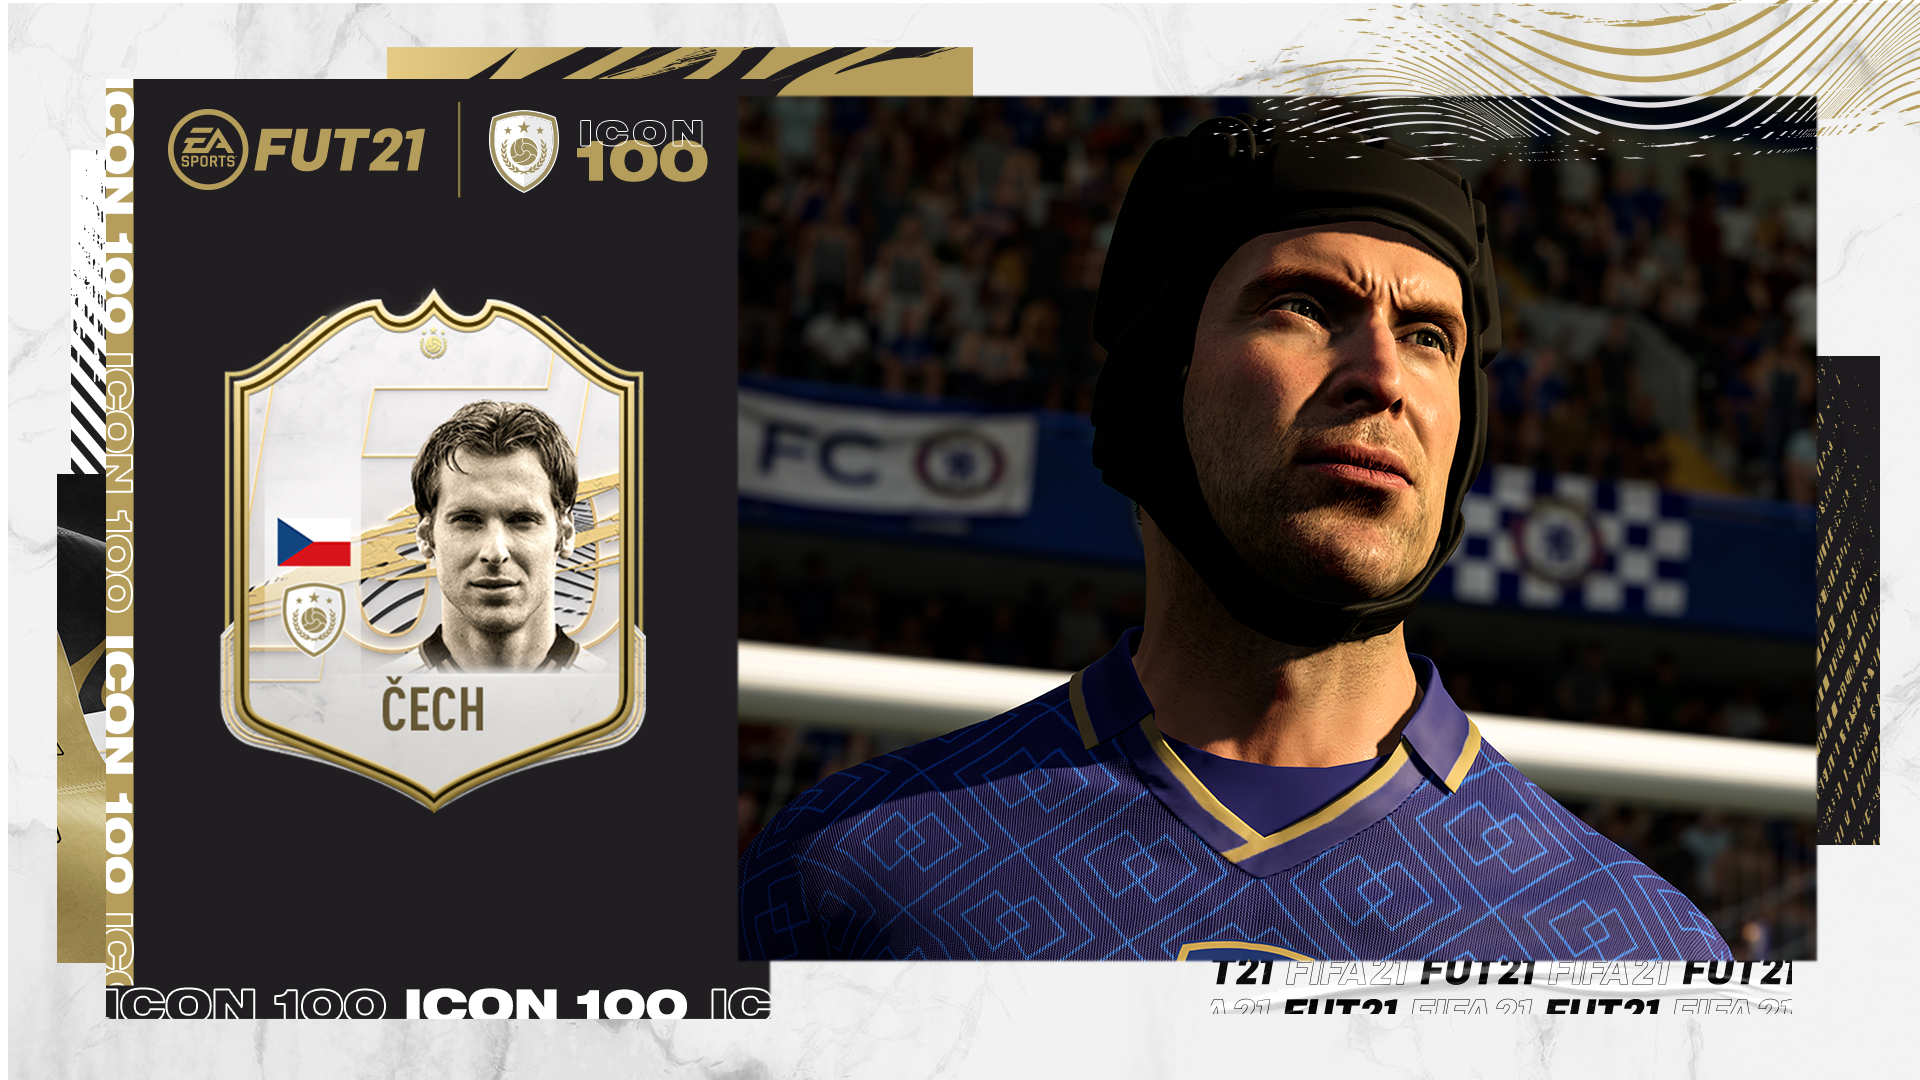 Petr Čech, FIFA 21'de ikon olarak oyunda yer alacak